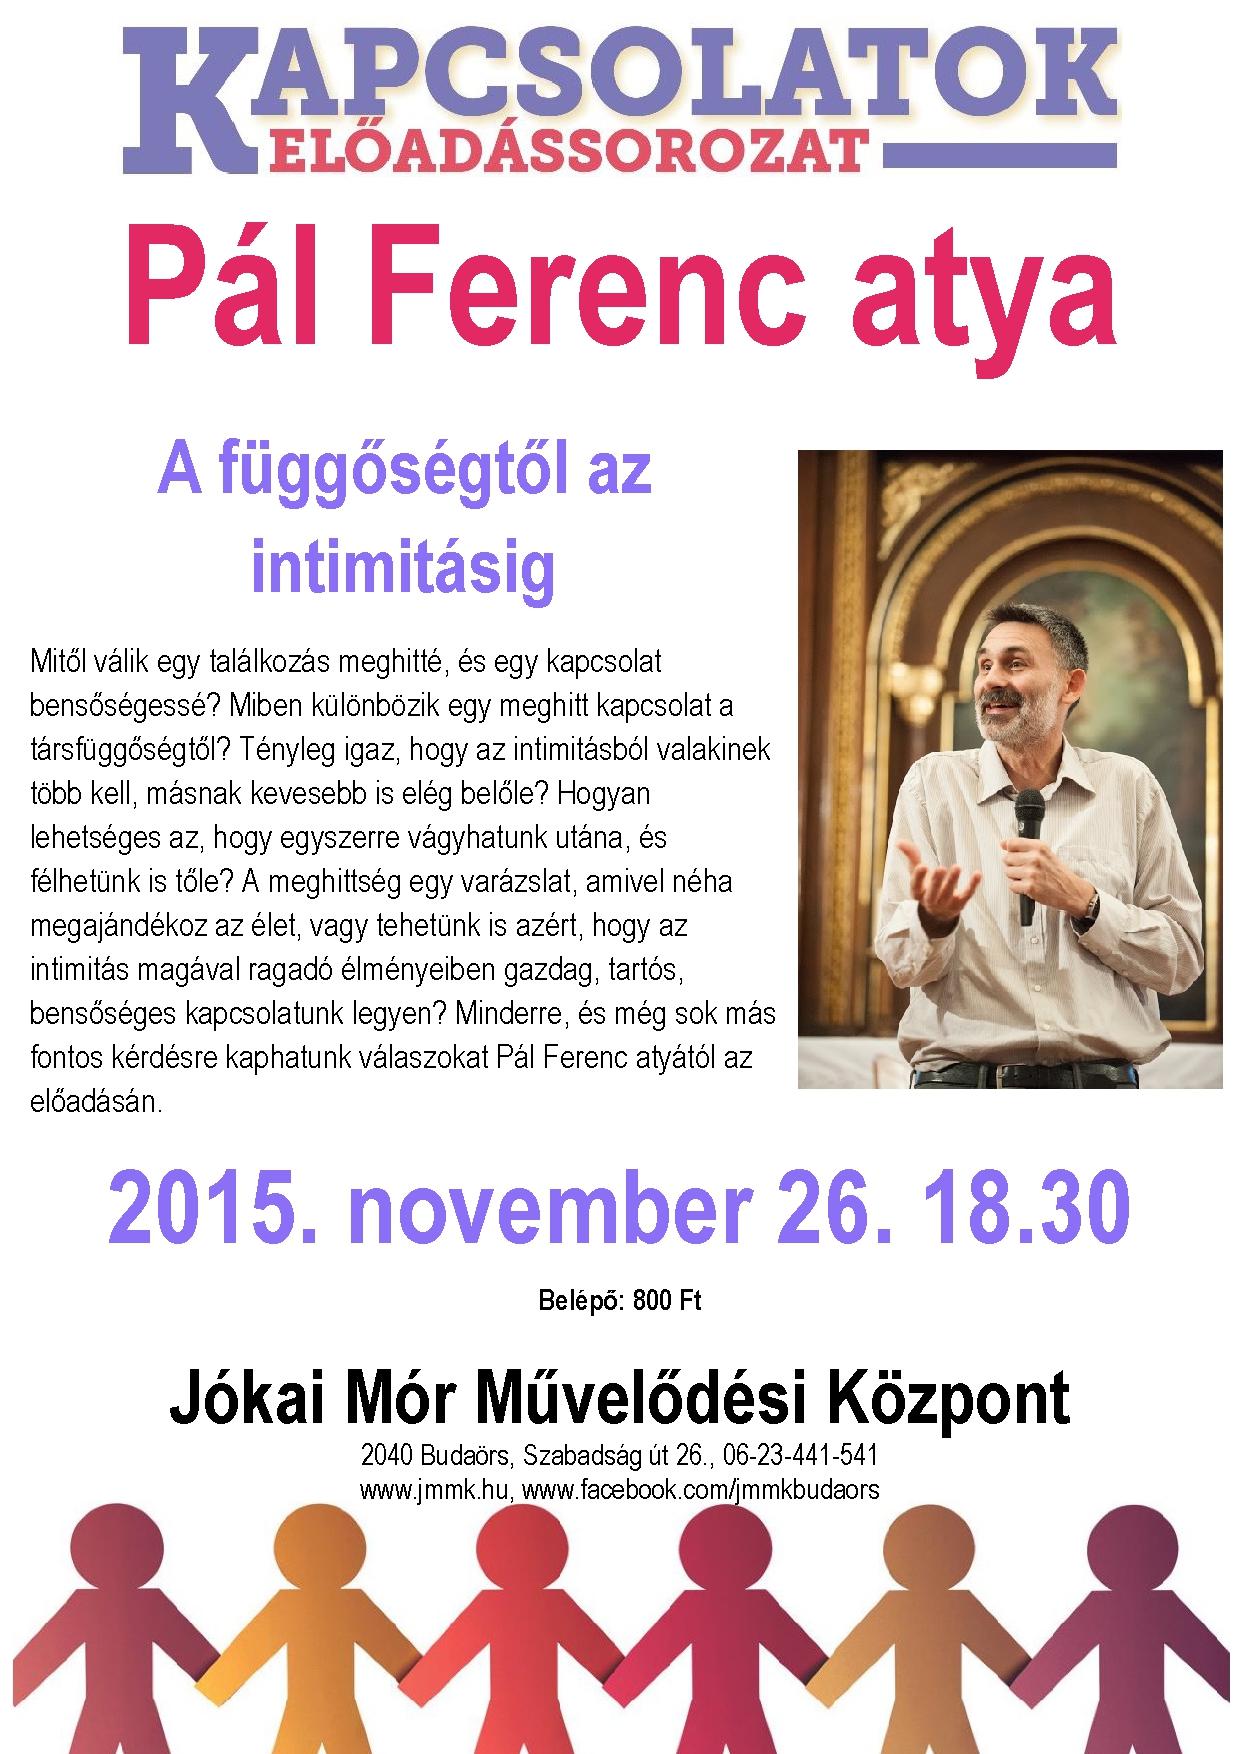 Pál Feri plakát